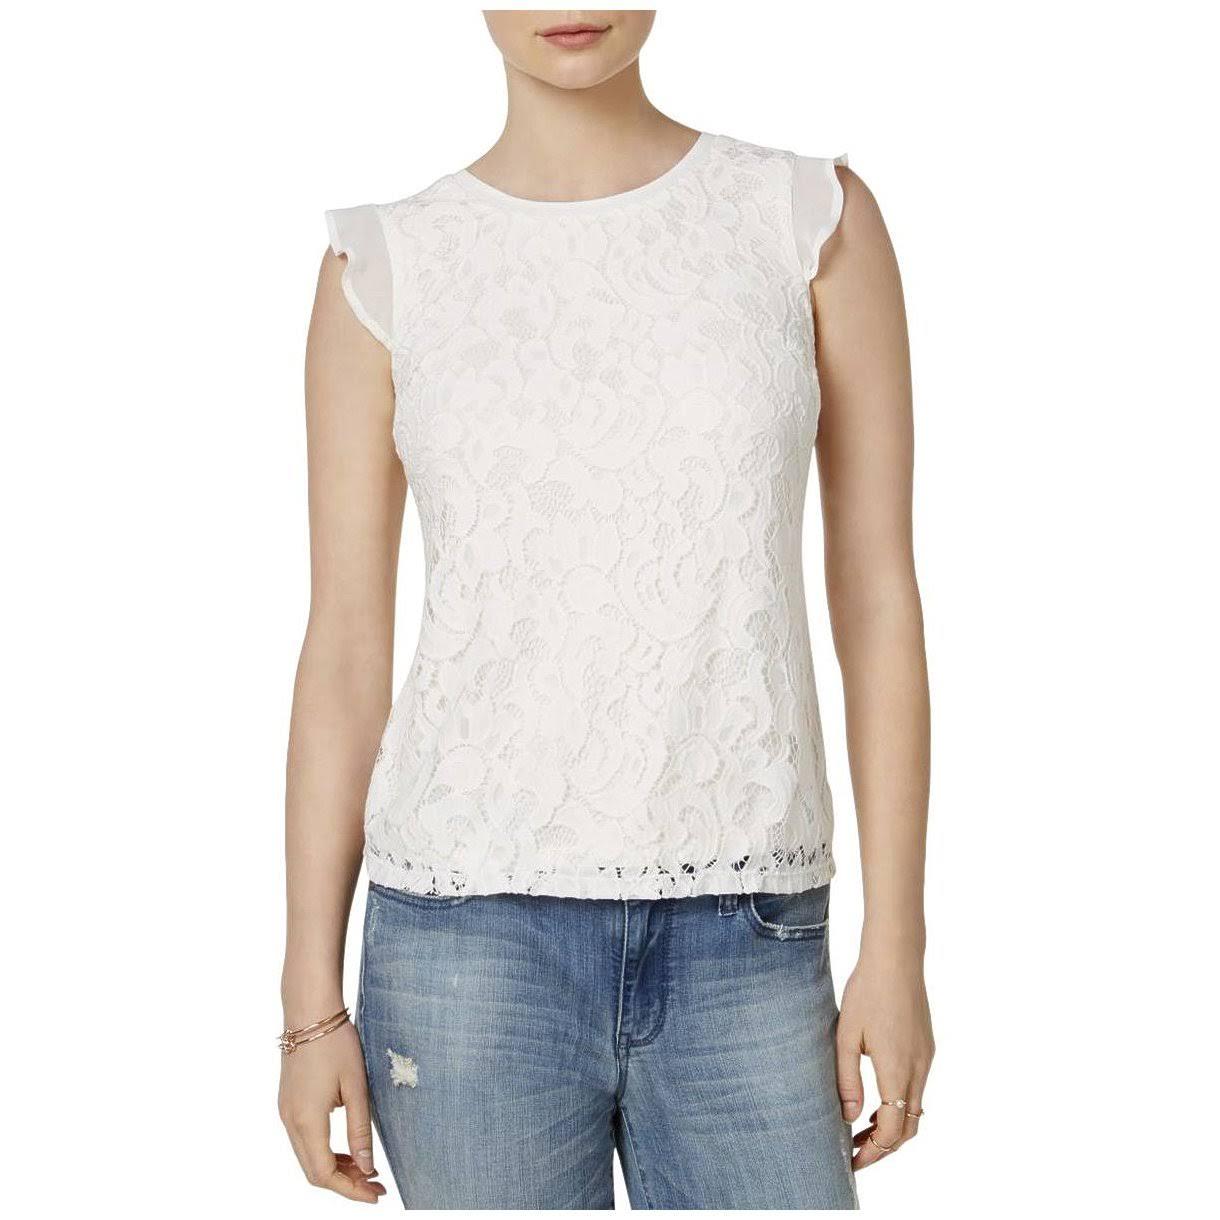 Small Flutter Bluse Knit Größe Jules Maison Schwarz Womens BYqzwHOYPx